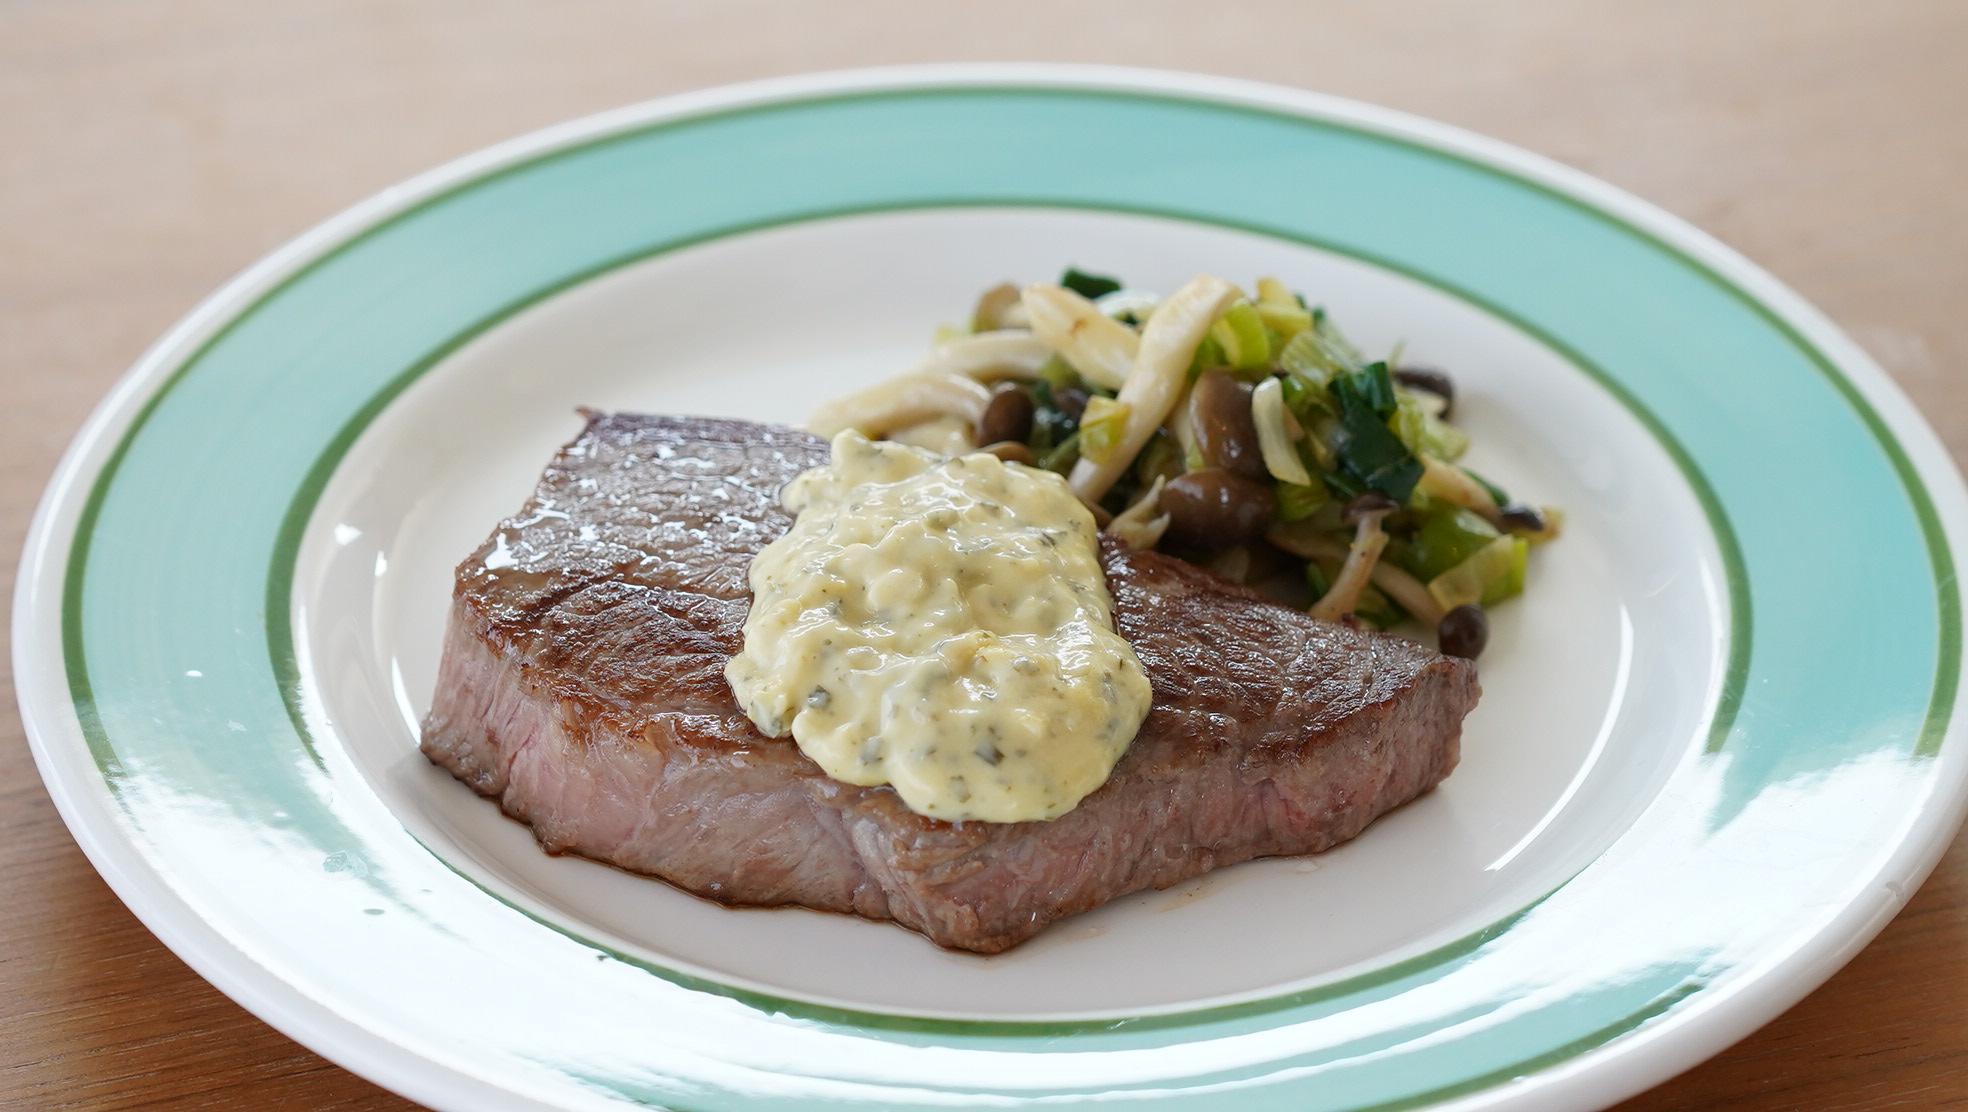 ピカールのおすすめ冷凍食品「ベアルネーゼソース」をステーキにかけた写真